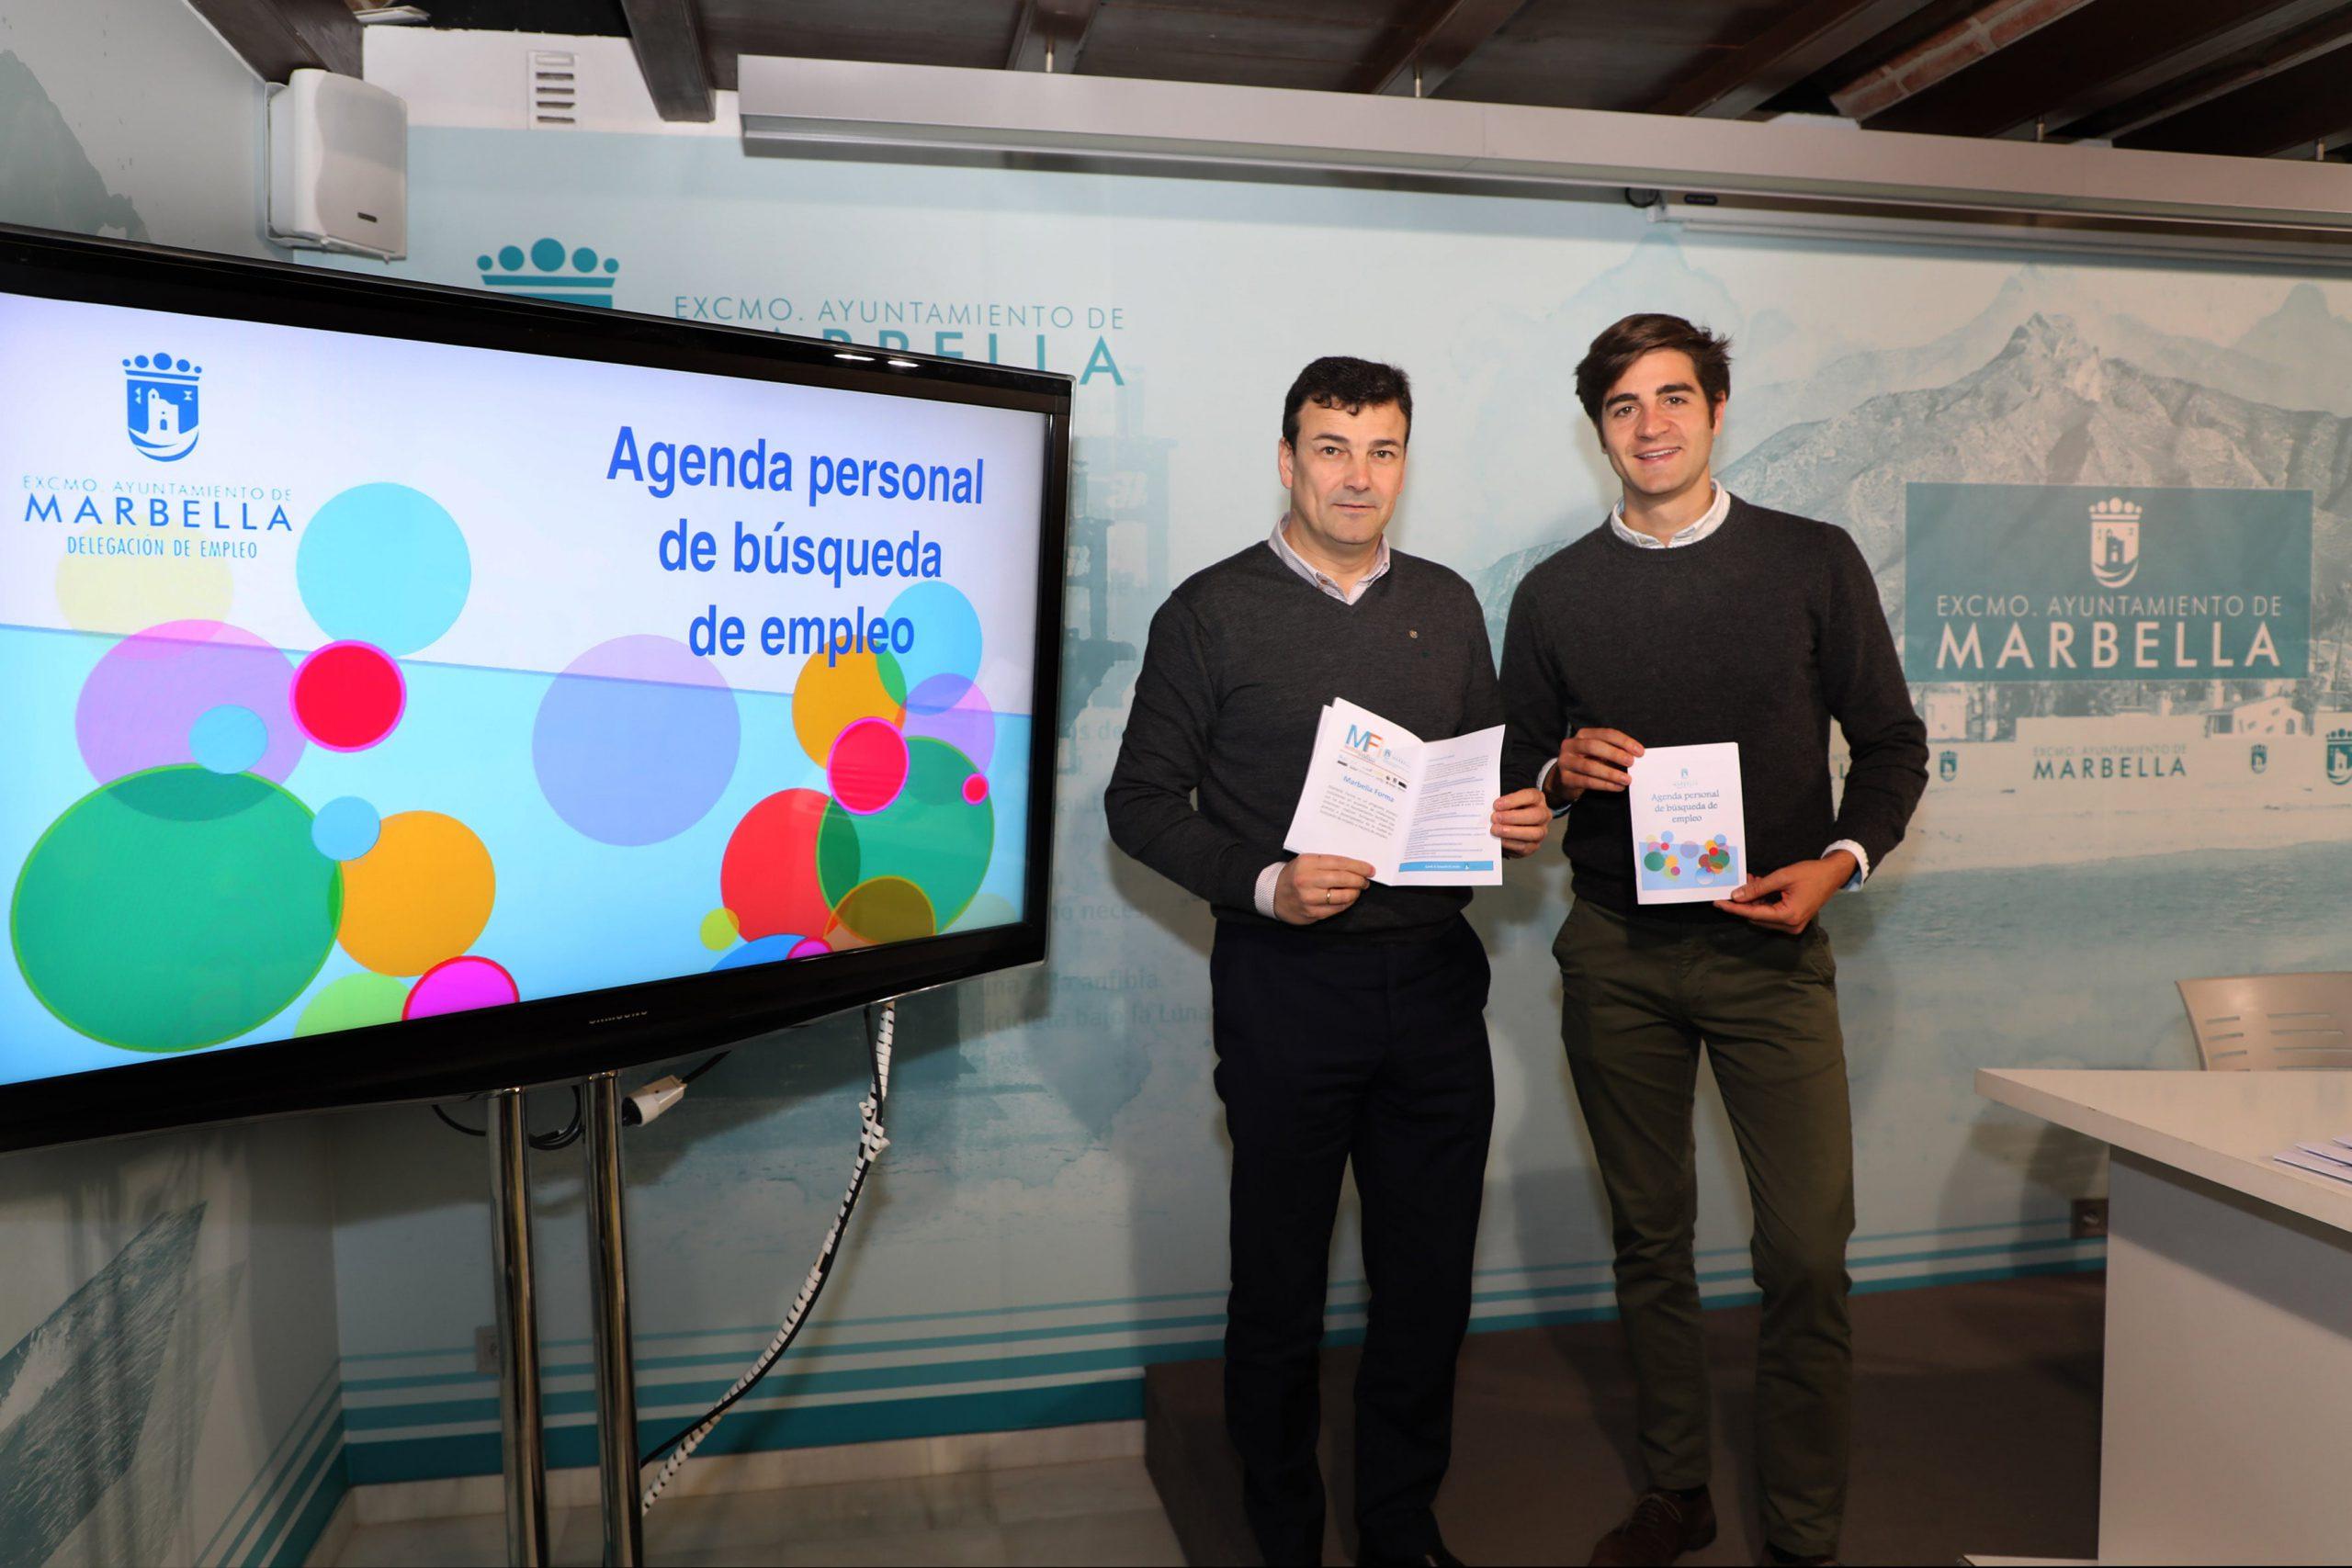 Elaboran III Agenda personal gratuita para guiar a los desempleados en el proceso de búsqueda de trabajo